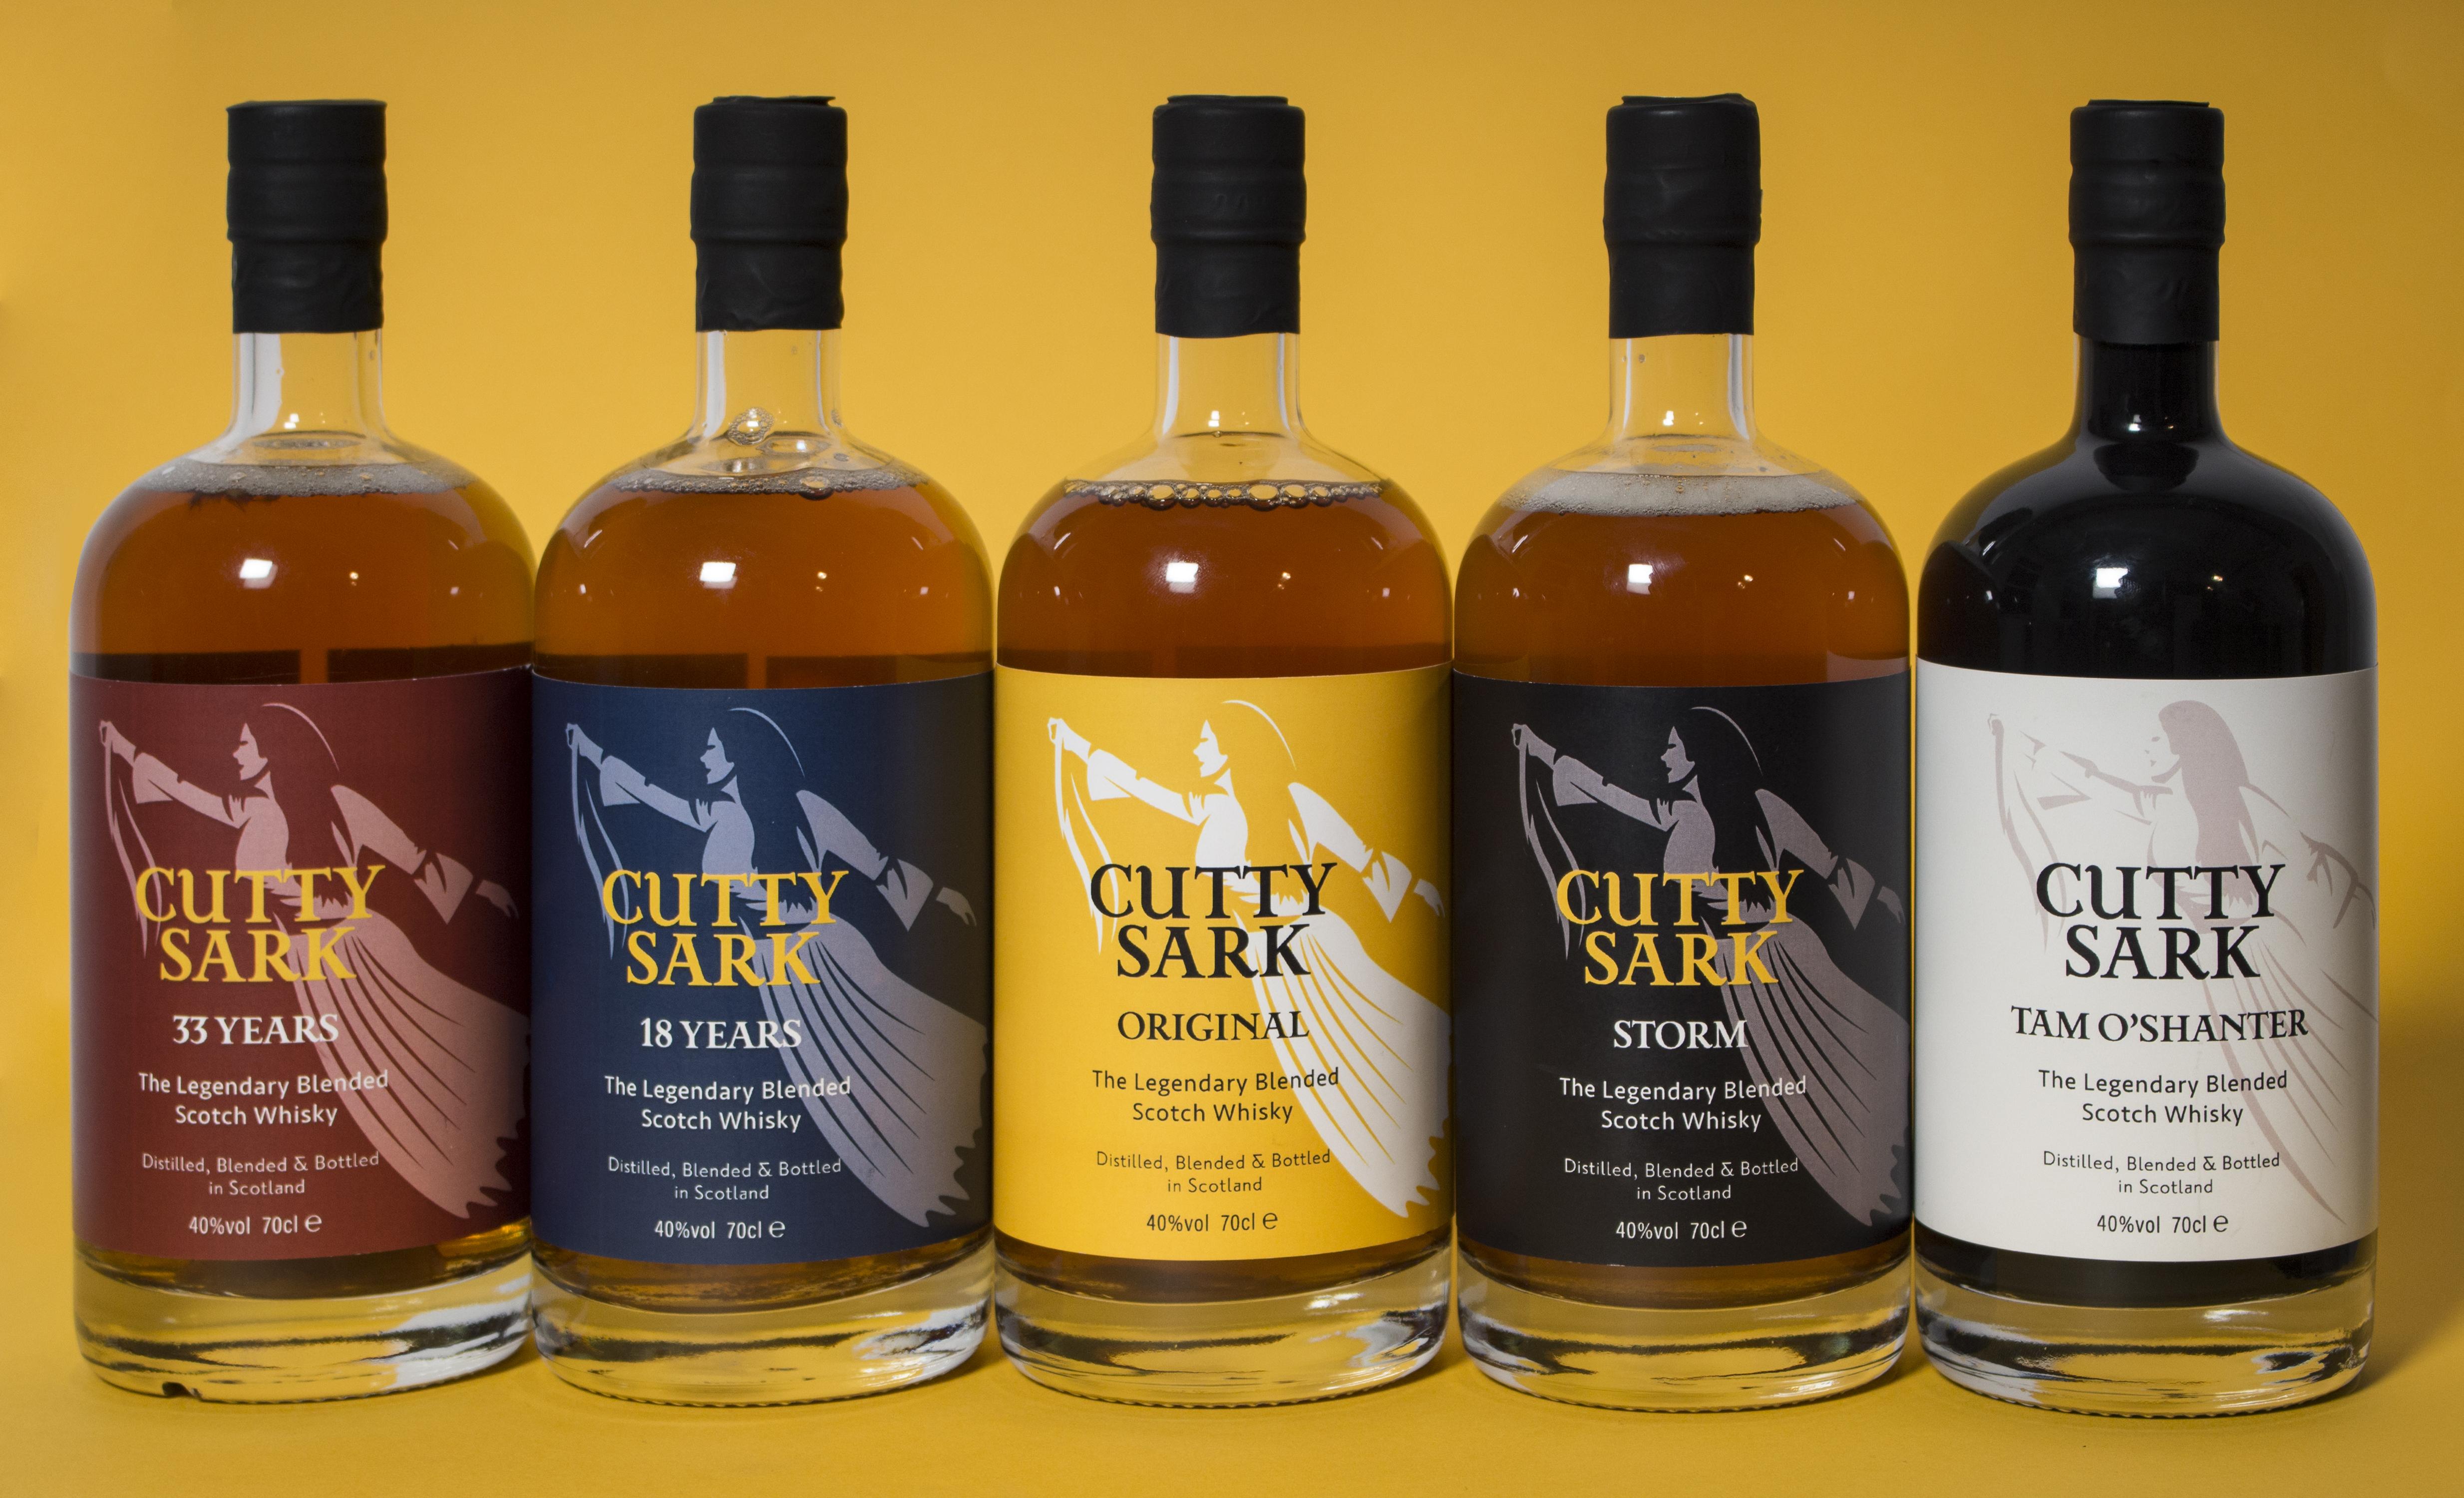 Cutty Sark bottle